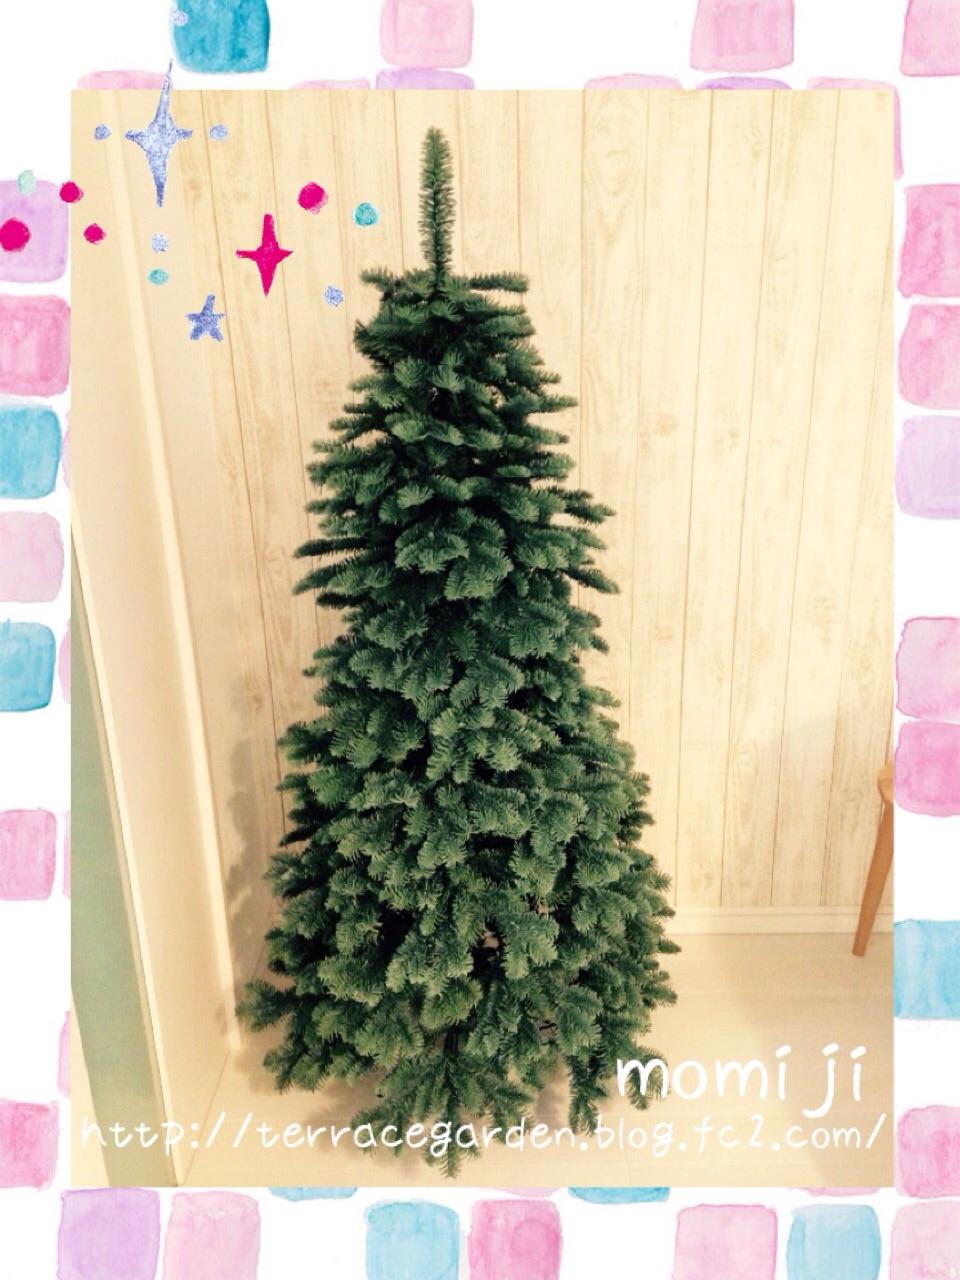 シルバーカラーのクリスマスツリー